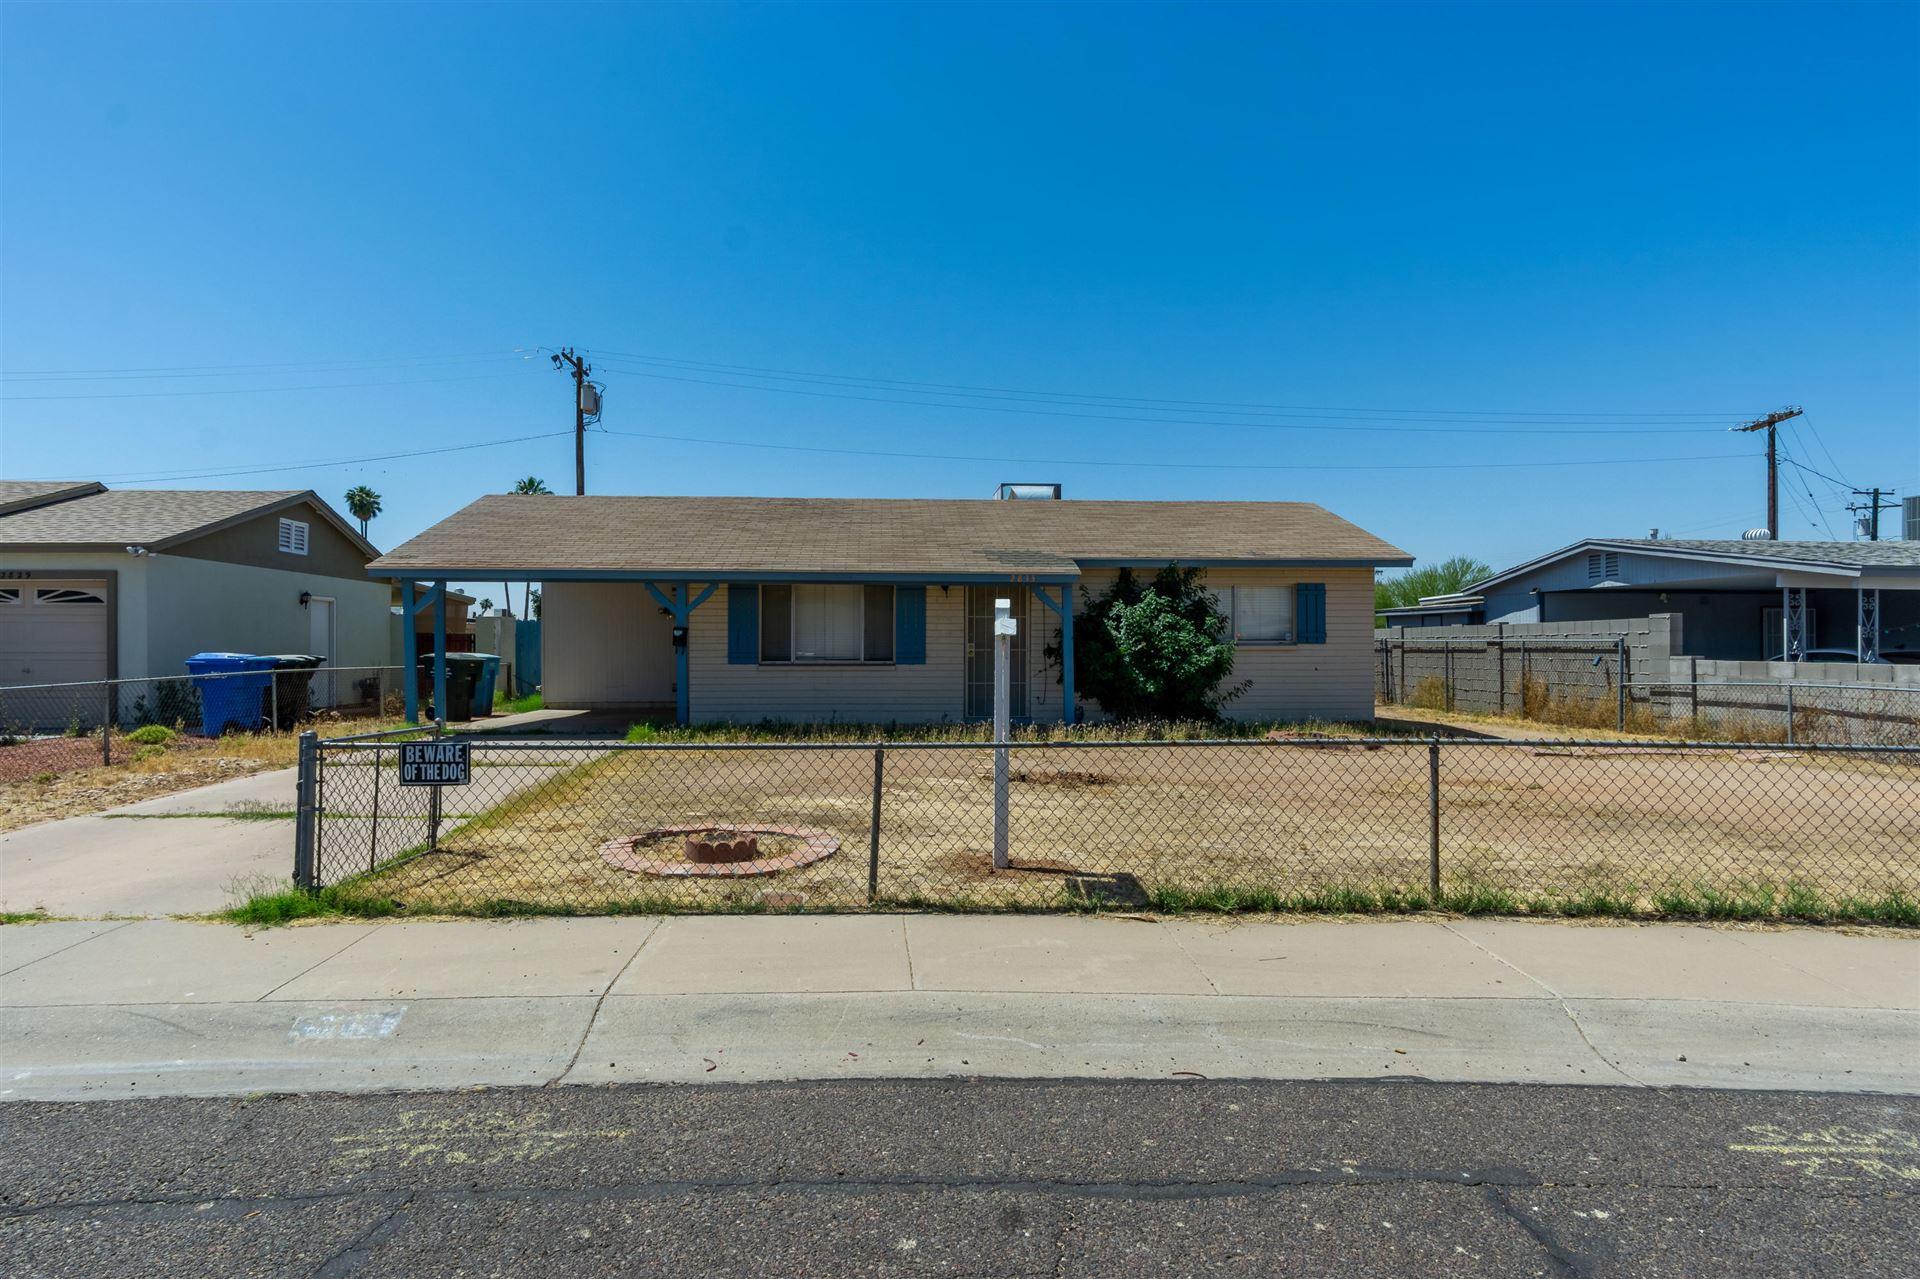 2833 W BANFF Lane, Phoenix, AZ 85053 - MLS#: 6233956